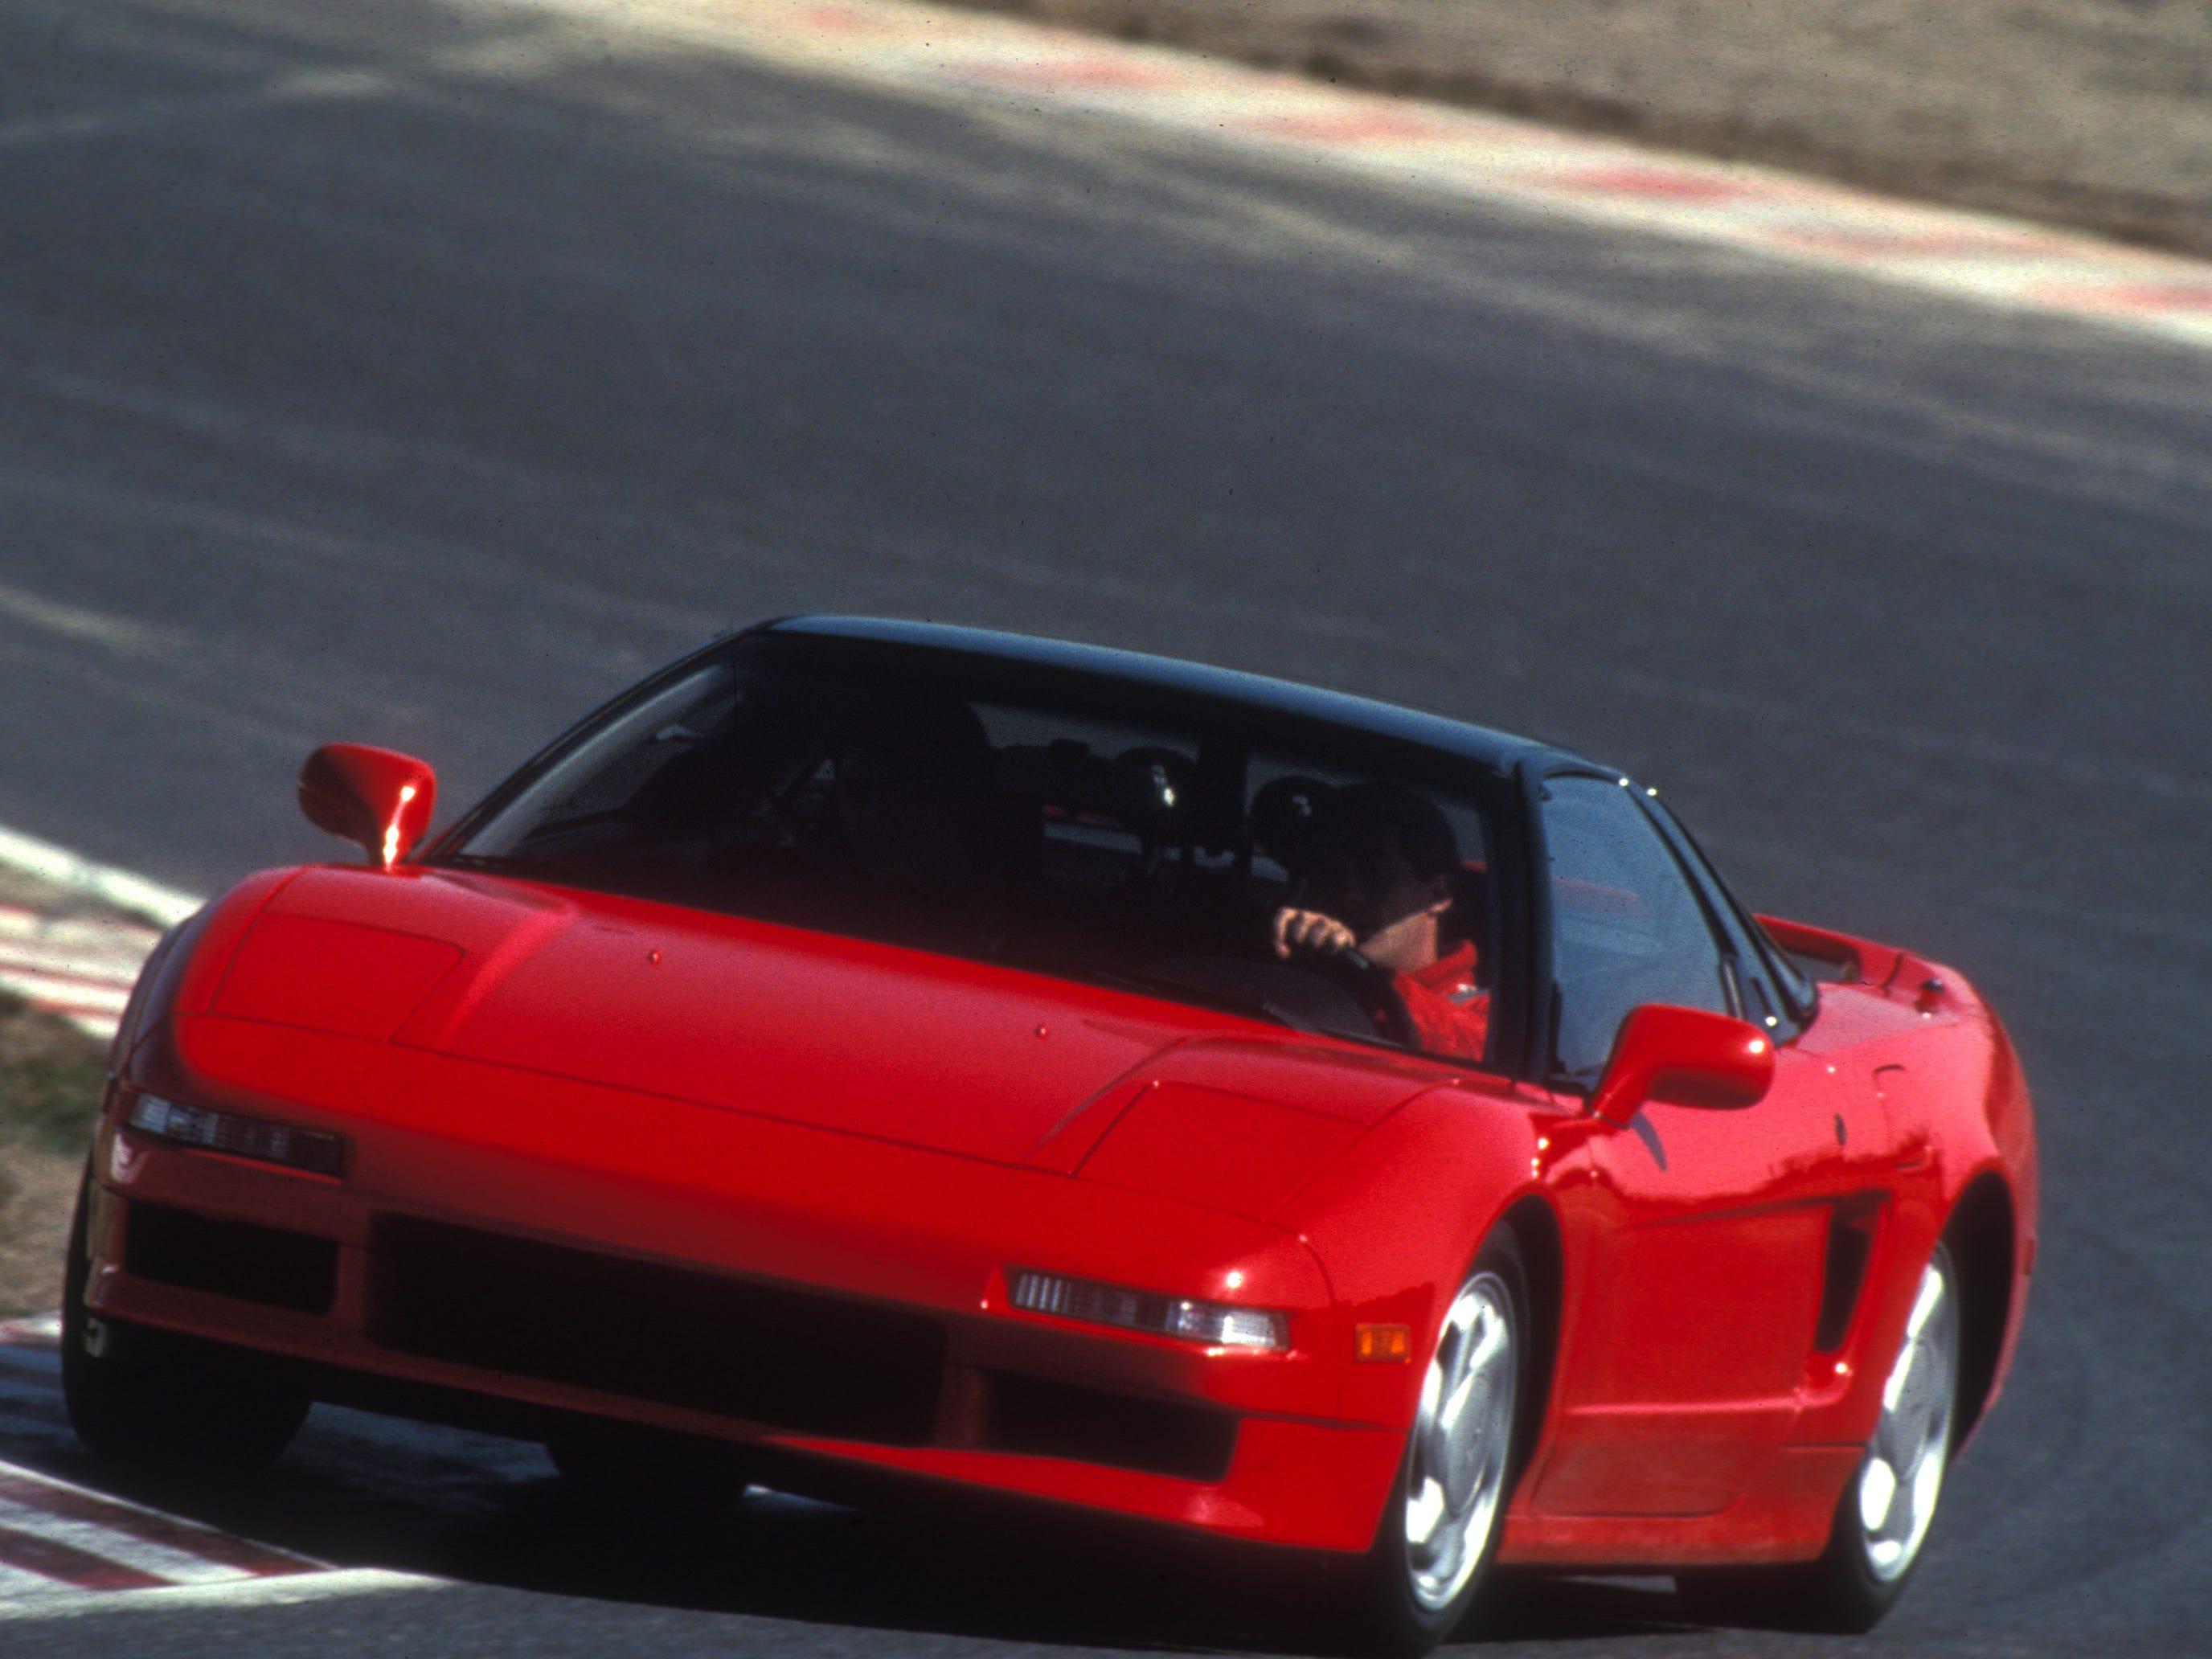 The 1990 Acura NSX.